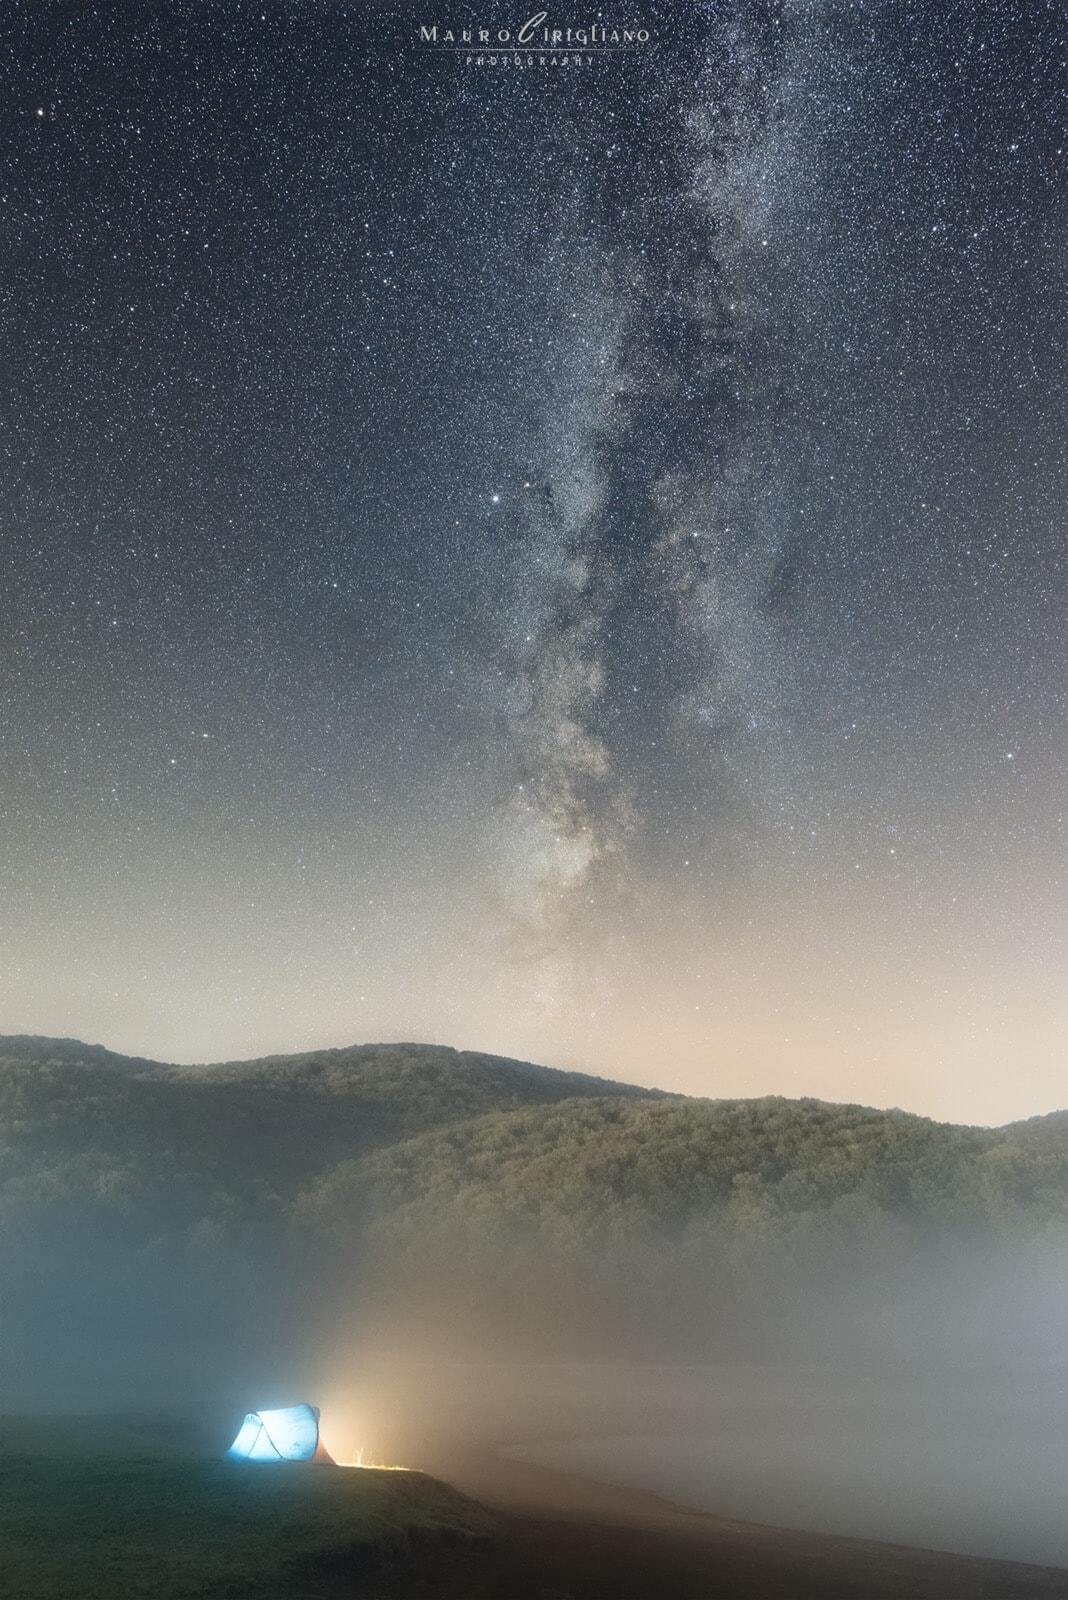 tenda avvolta da nebbia con stelle